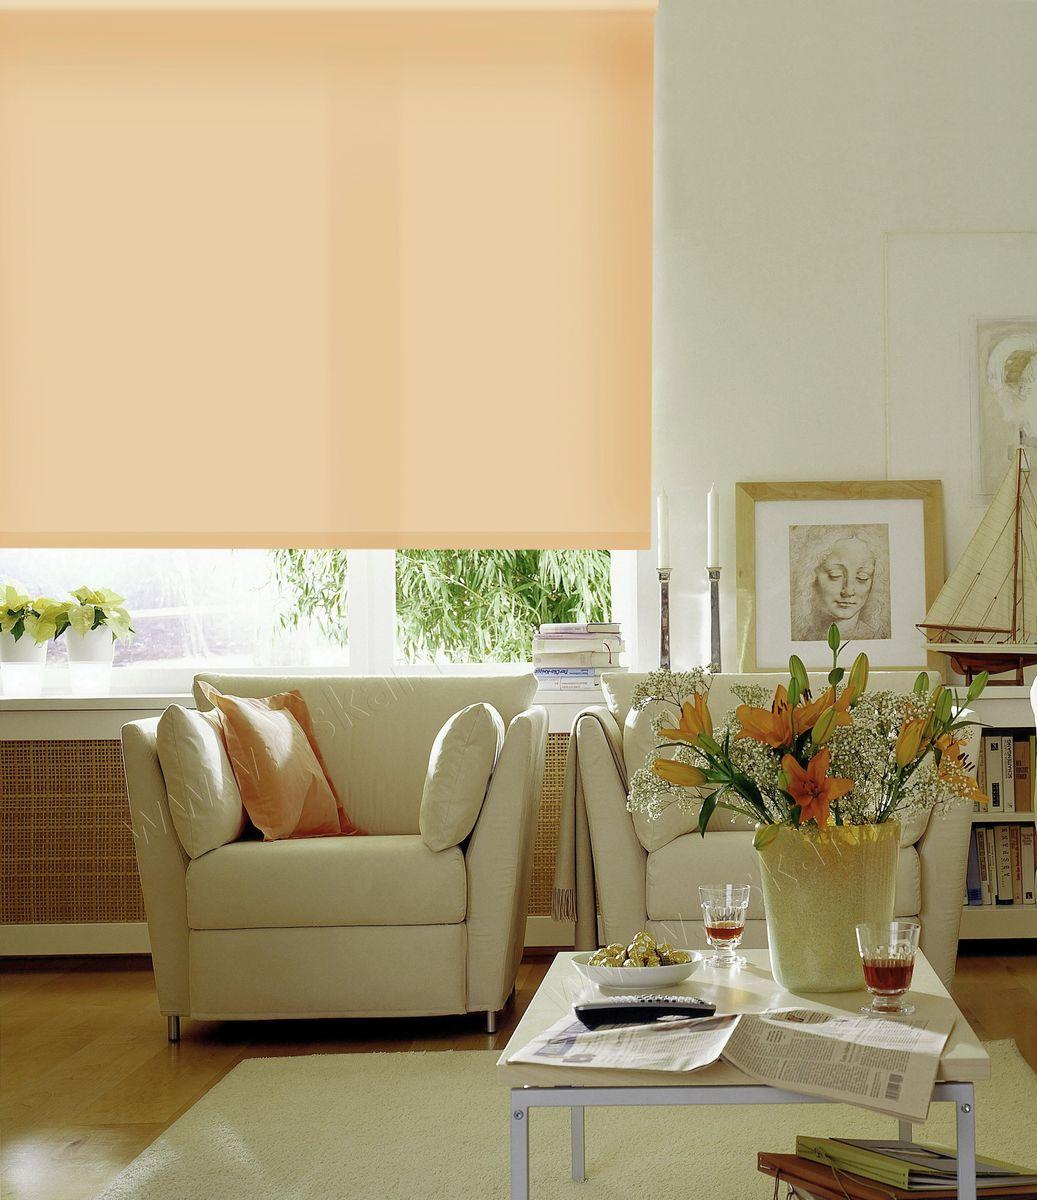 Штора рулонная Эскар, цвет: светло-абрикосовый, ширина 130 см, высота 170 см81112130170Рулонными шторами можно оформлять окна как самостоятельно, так и использовать в комбинации с портьерами. Это поможет предотвратить выгорание дорогой ткани на солнце и соединит функционал рулонных с красотой навесных. Преимущества применения рулонных штор для пластиковых окон: - имеют прекрасный внешний вид: многообразие и фактурность материала изделия отлично смотрятся в любом интерьере; - многофункциональны: есть возможность подобрать шторы способные эффективно защитить комнату от солнца, при этом о на не будет слишком темной. - Есть возможность осуществить быстрый монтаж. ВНИМАНИЕ! Размеры ширины изделия указаны по ширине ткани! Во время эксплуатации не рекомендуется полностью разматывать рулон, чтобы не оторвать ткань от намоточного вала. В случае загрязнения поверхности ткани, чистку шторы проводят одним из способов, в зависимости от типа загрязнения: легкое поверхностное загрязнение можно удалить при помощи...